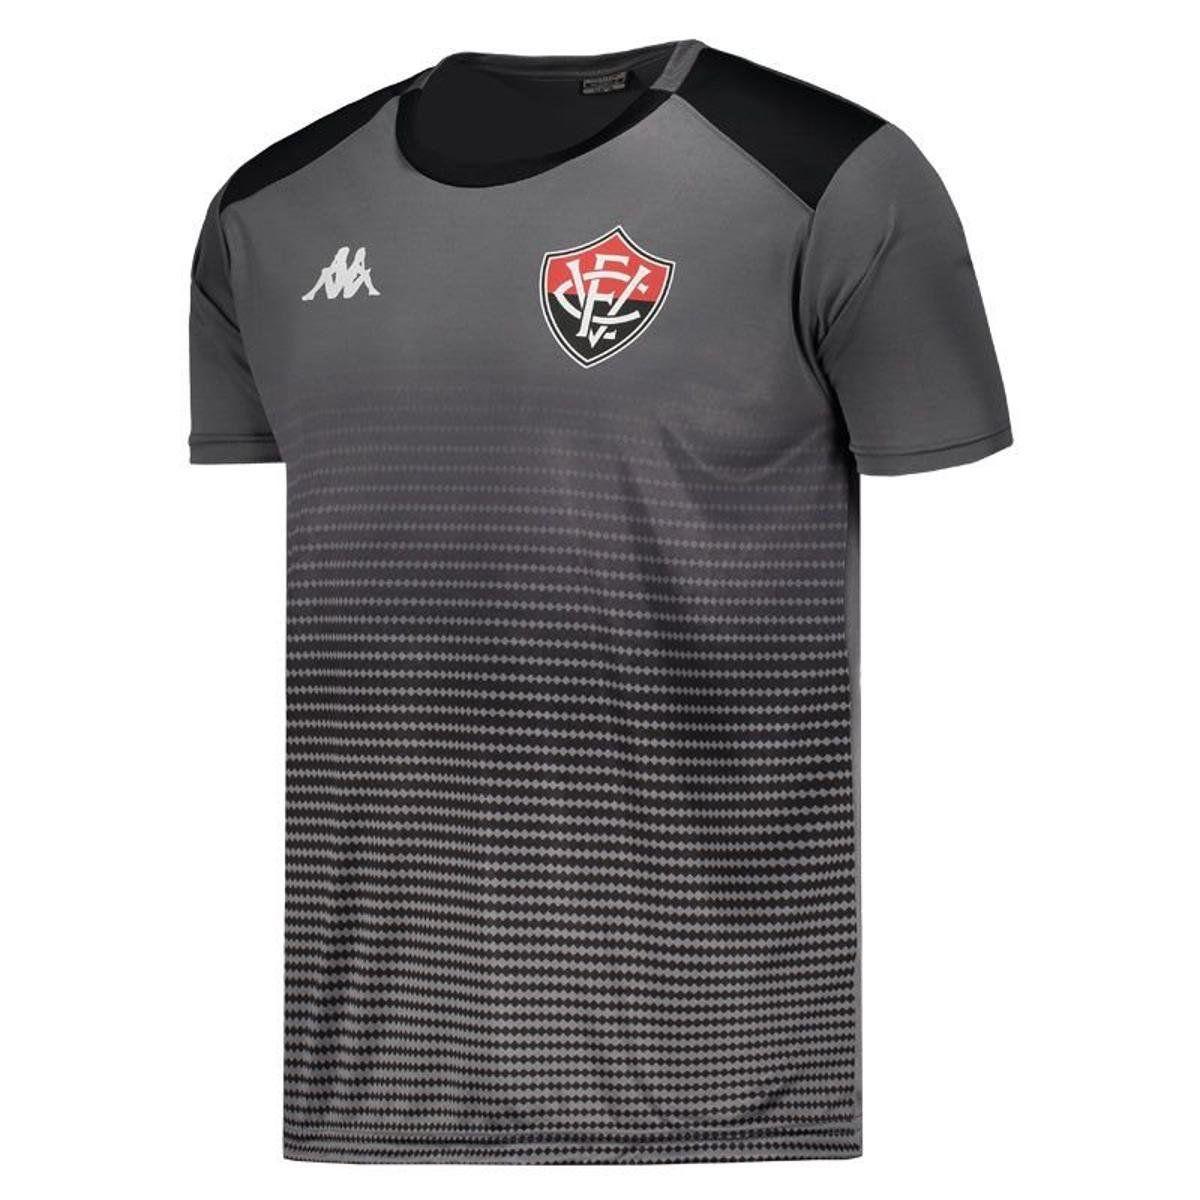 Camisa Vitória Concentração Comissão - Kappa - 2019 - Masculina - Cinza